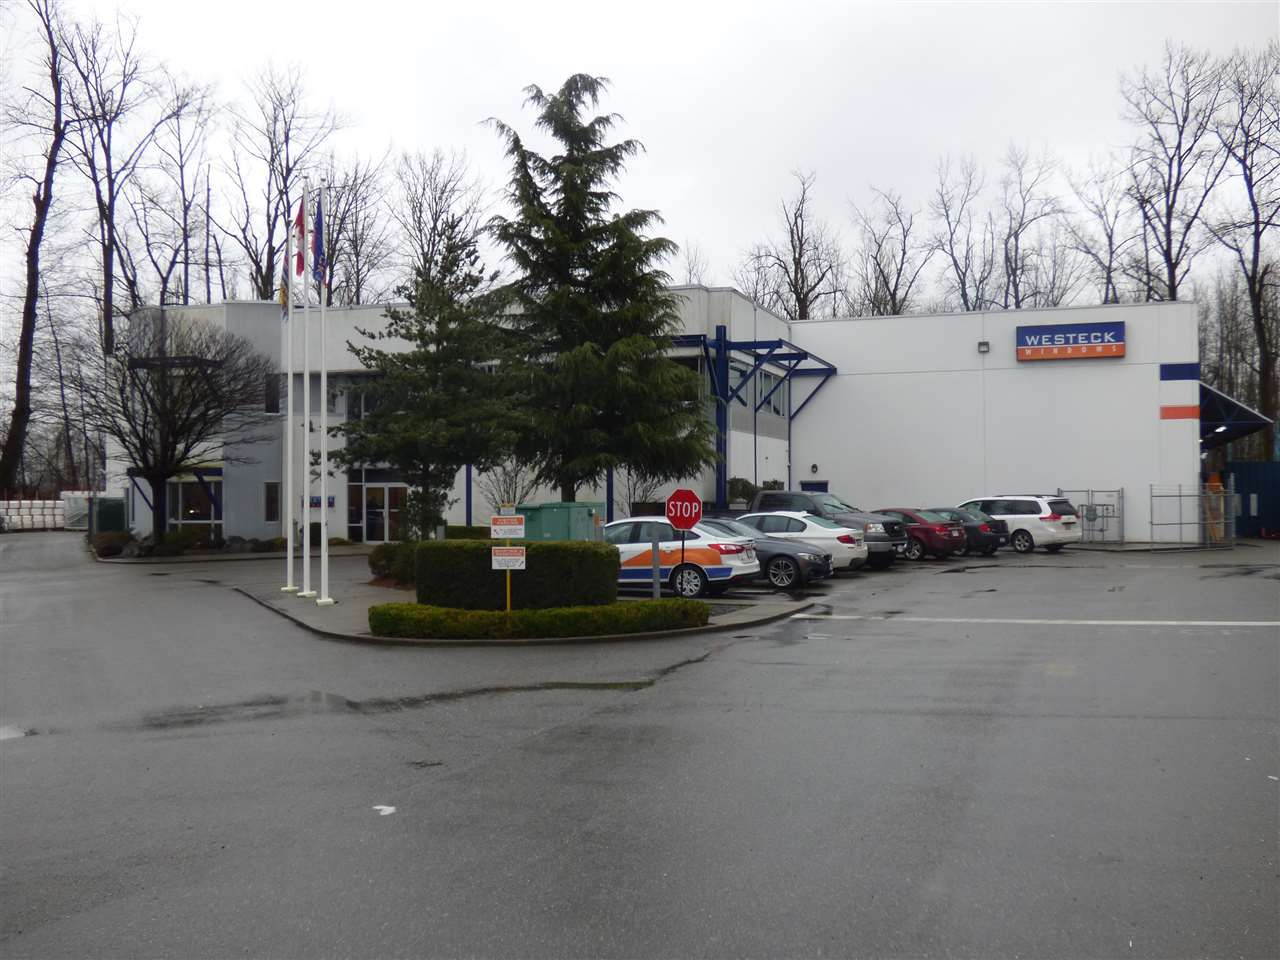 Main Photo: 5 8104 EVANS Road in Sardis: Sardis West Vedder Rd Industrial for sale : MLS®# C8017138